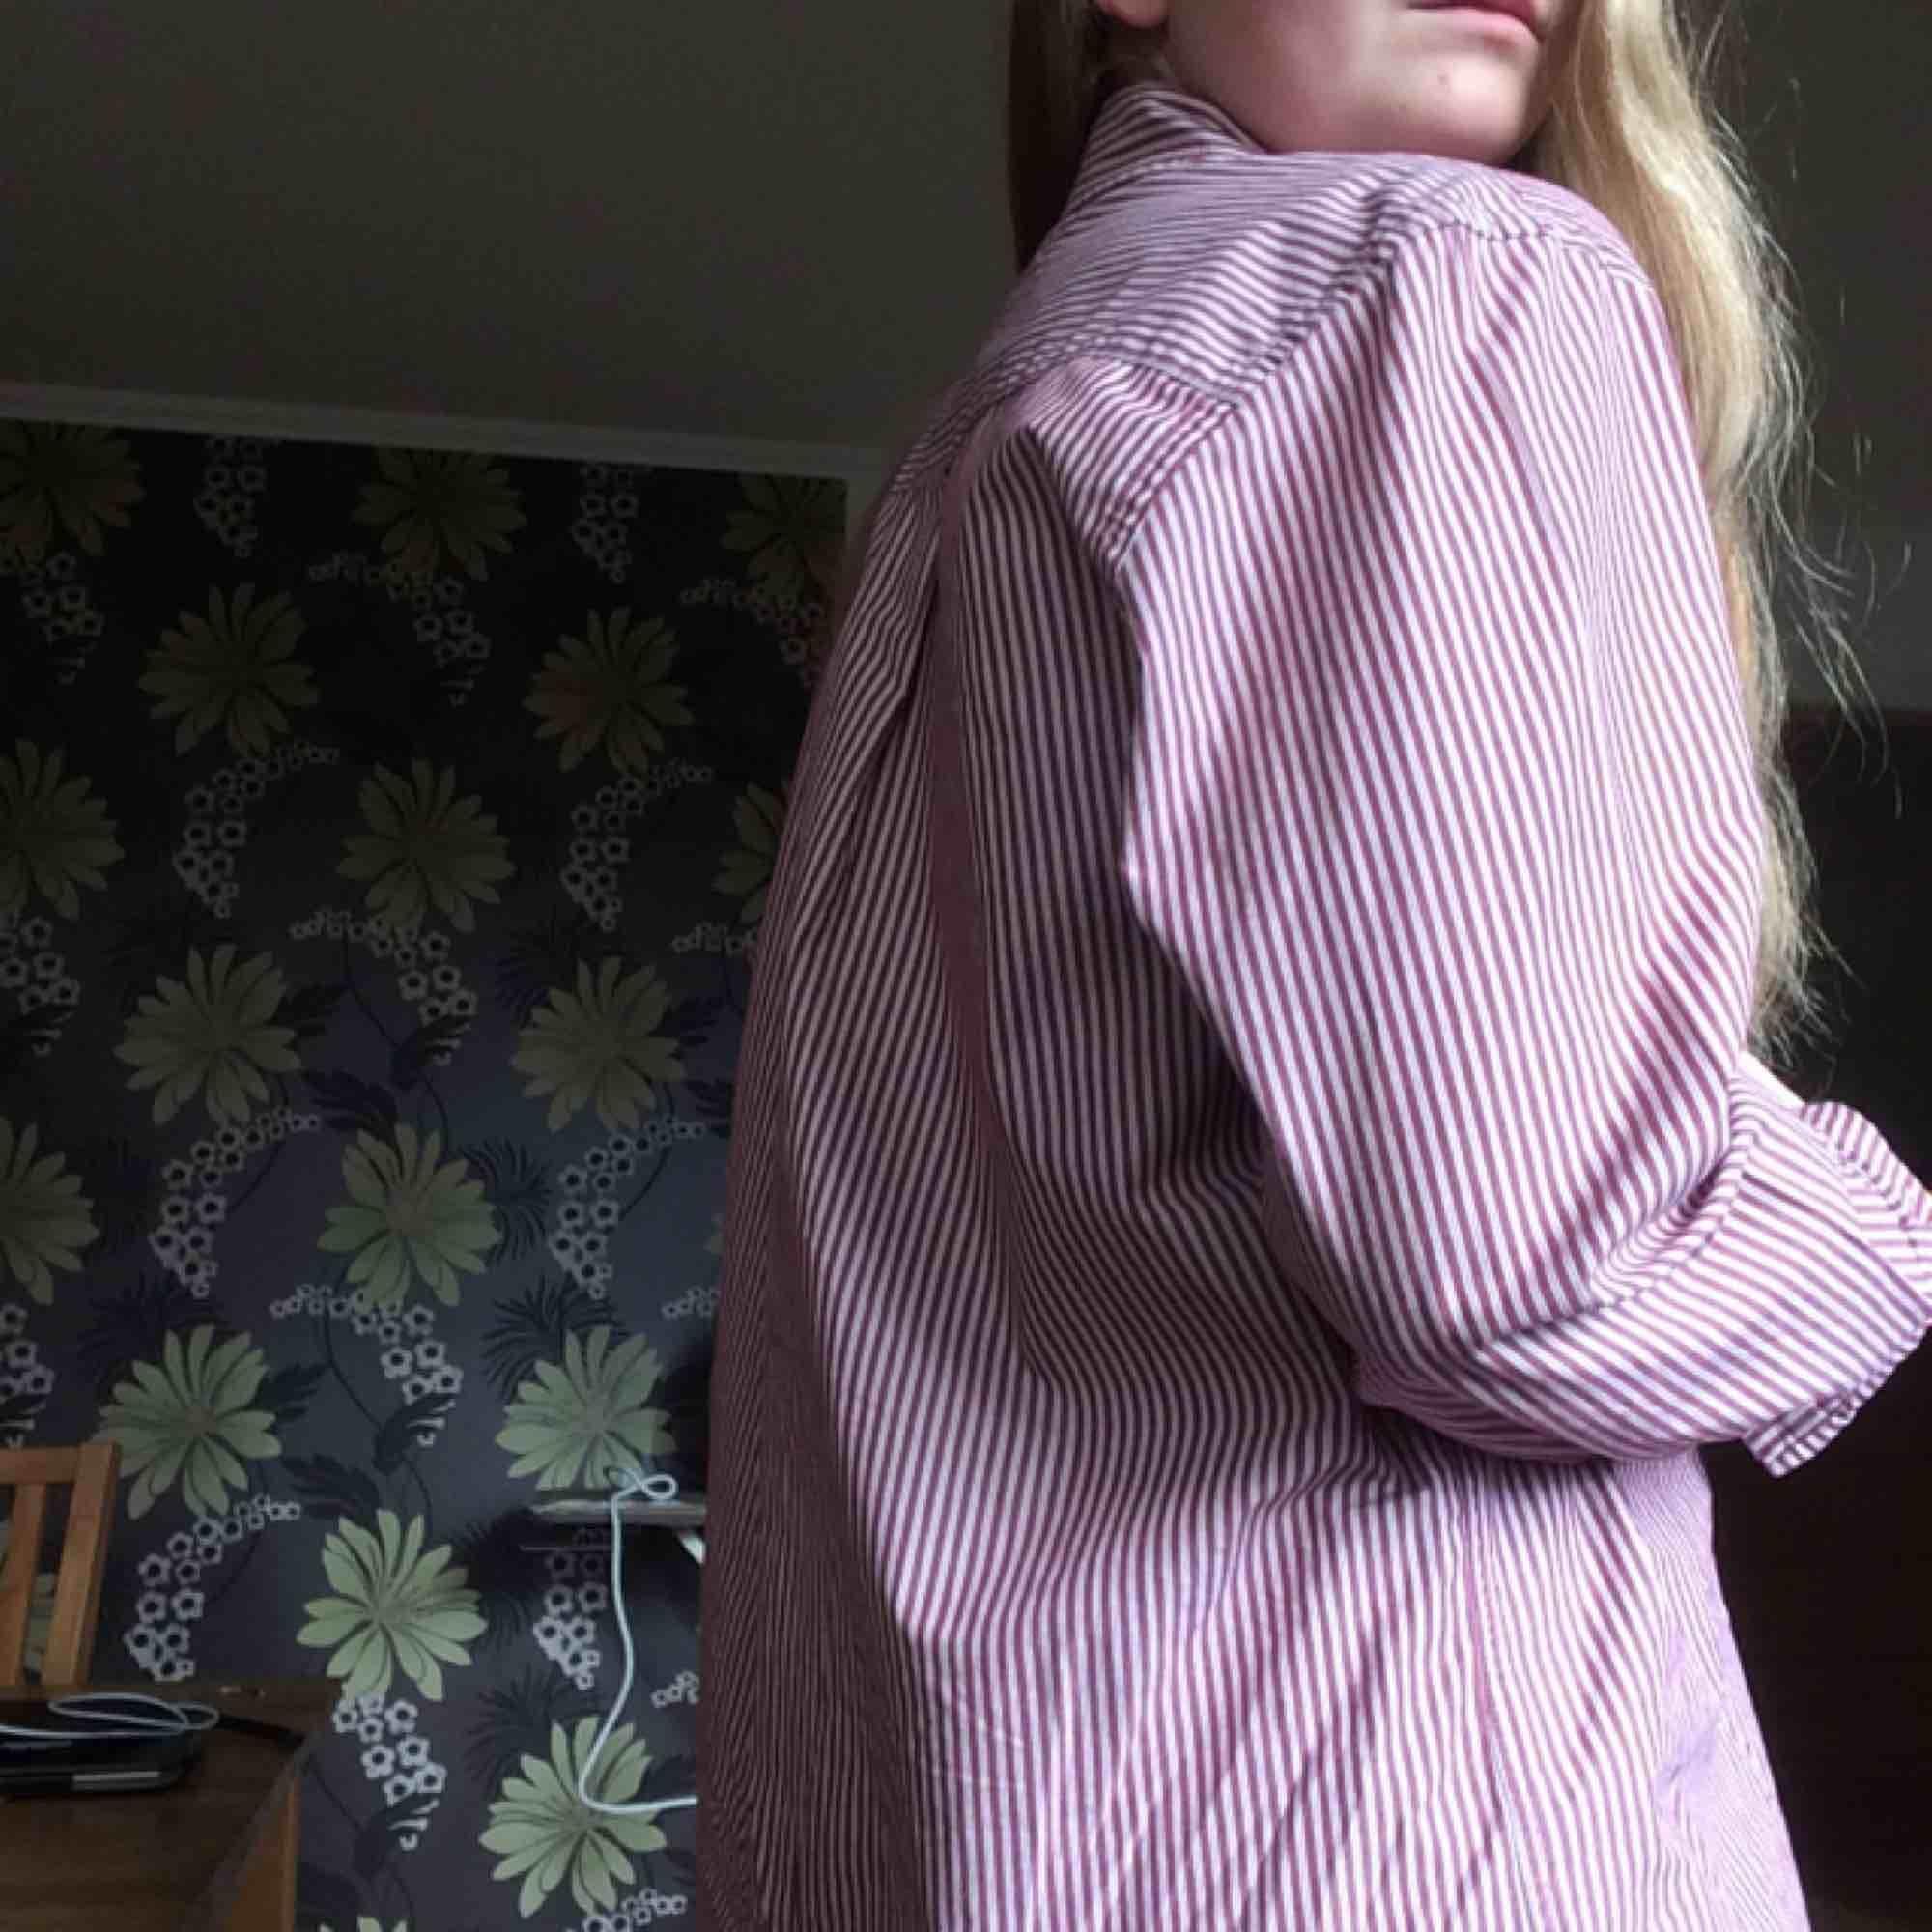 säljer denna superfina skjorta ifrån Tommy Hilfiger❣️så gott som ny, har rullat upp ärmarna så kan behöva strykas om en tycker det är skrynkligt. Herrstorlek, men passar hur bra som helst som oversize. Du står för frakten🌹. Skjortor.